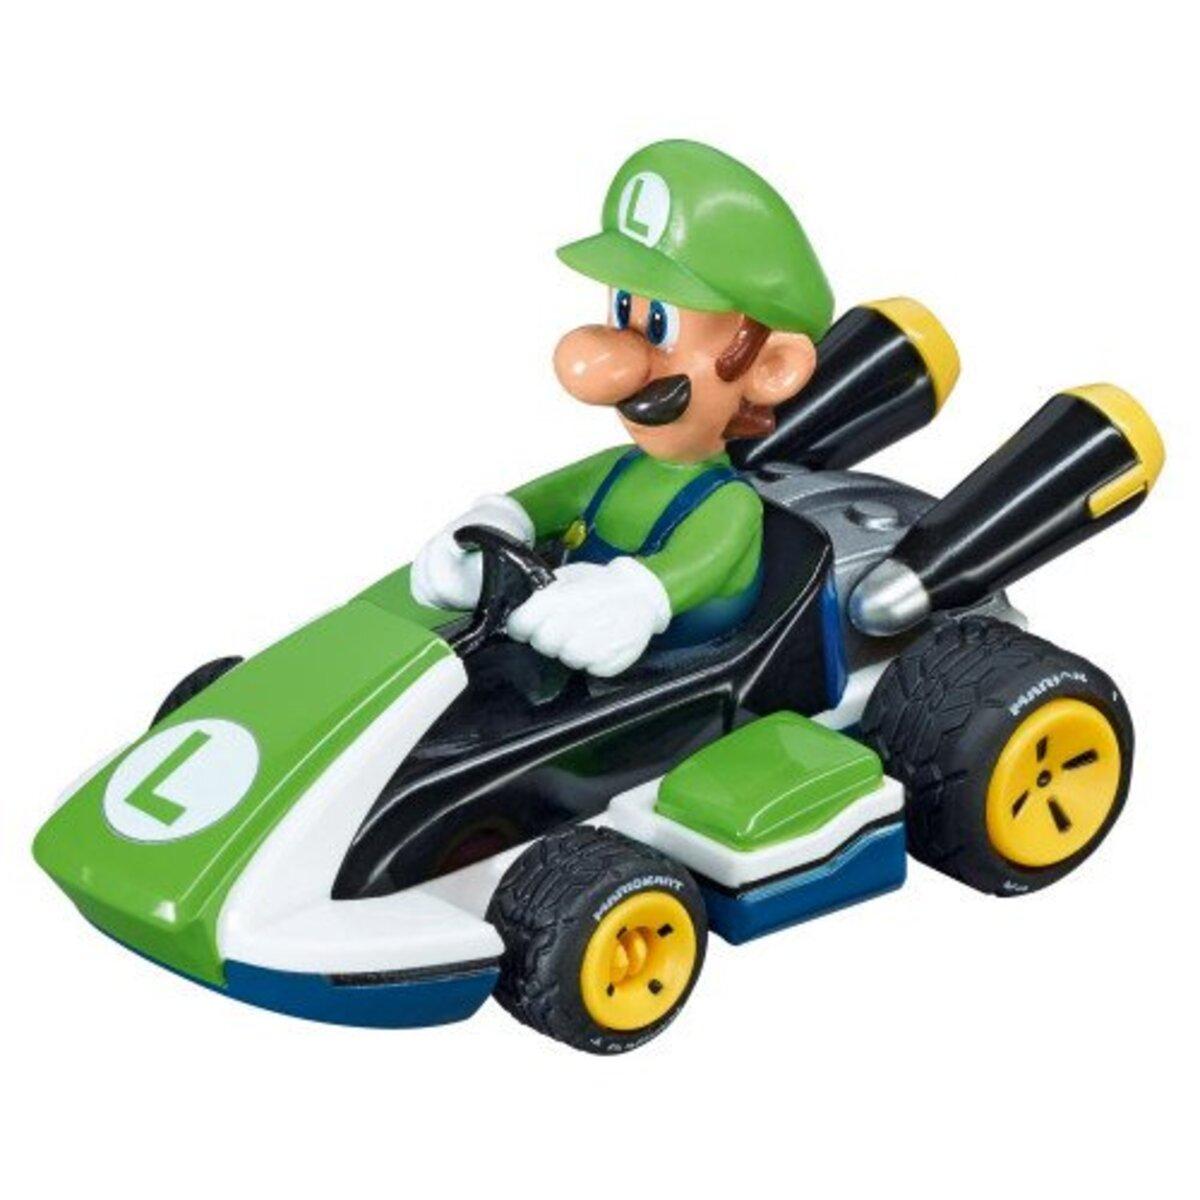 Bild 3 von Carrera GO Mario Kart 8